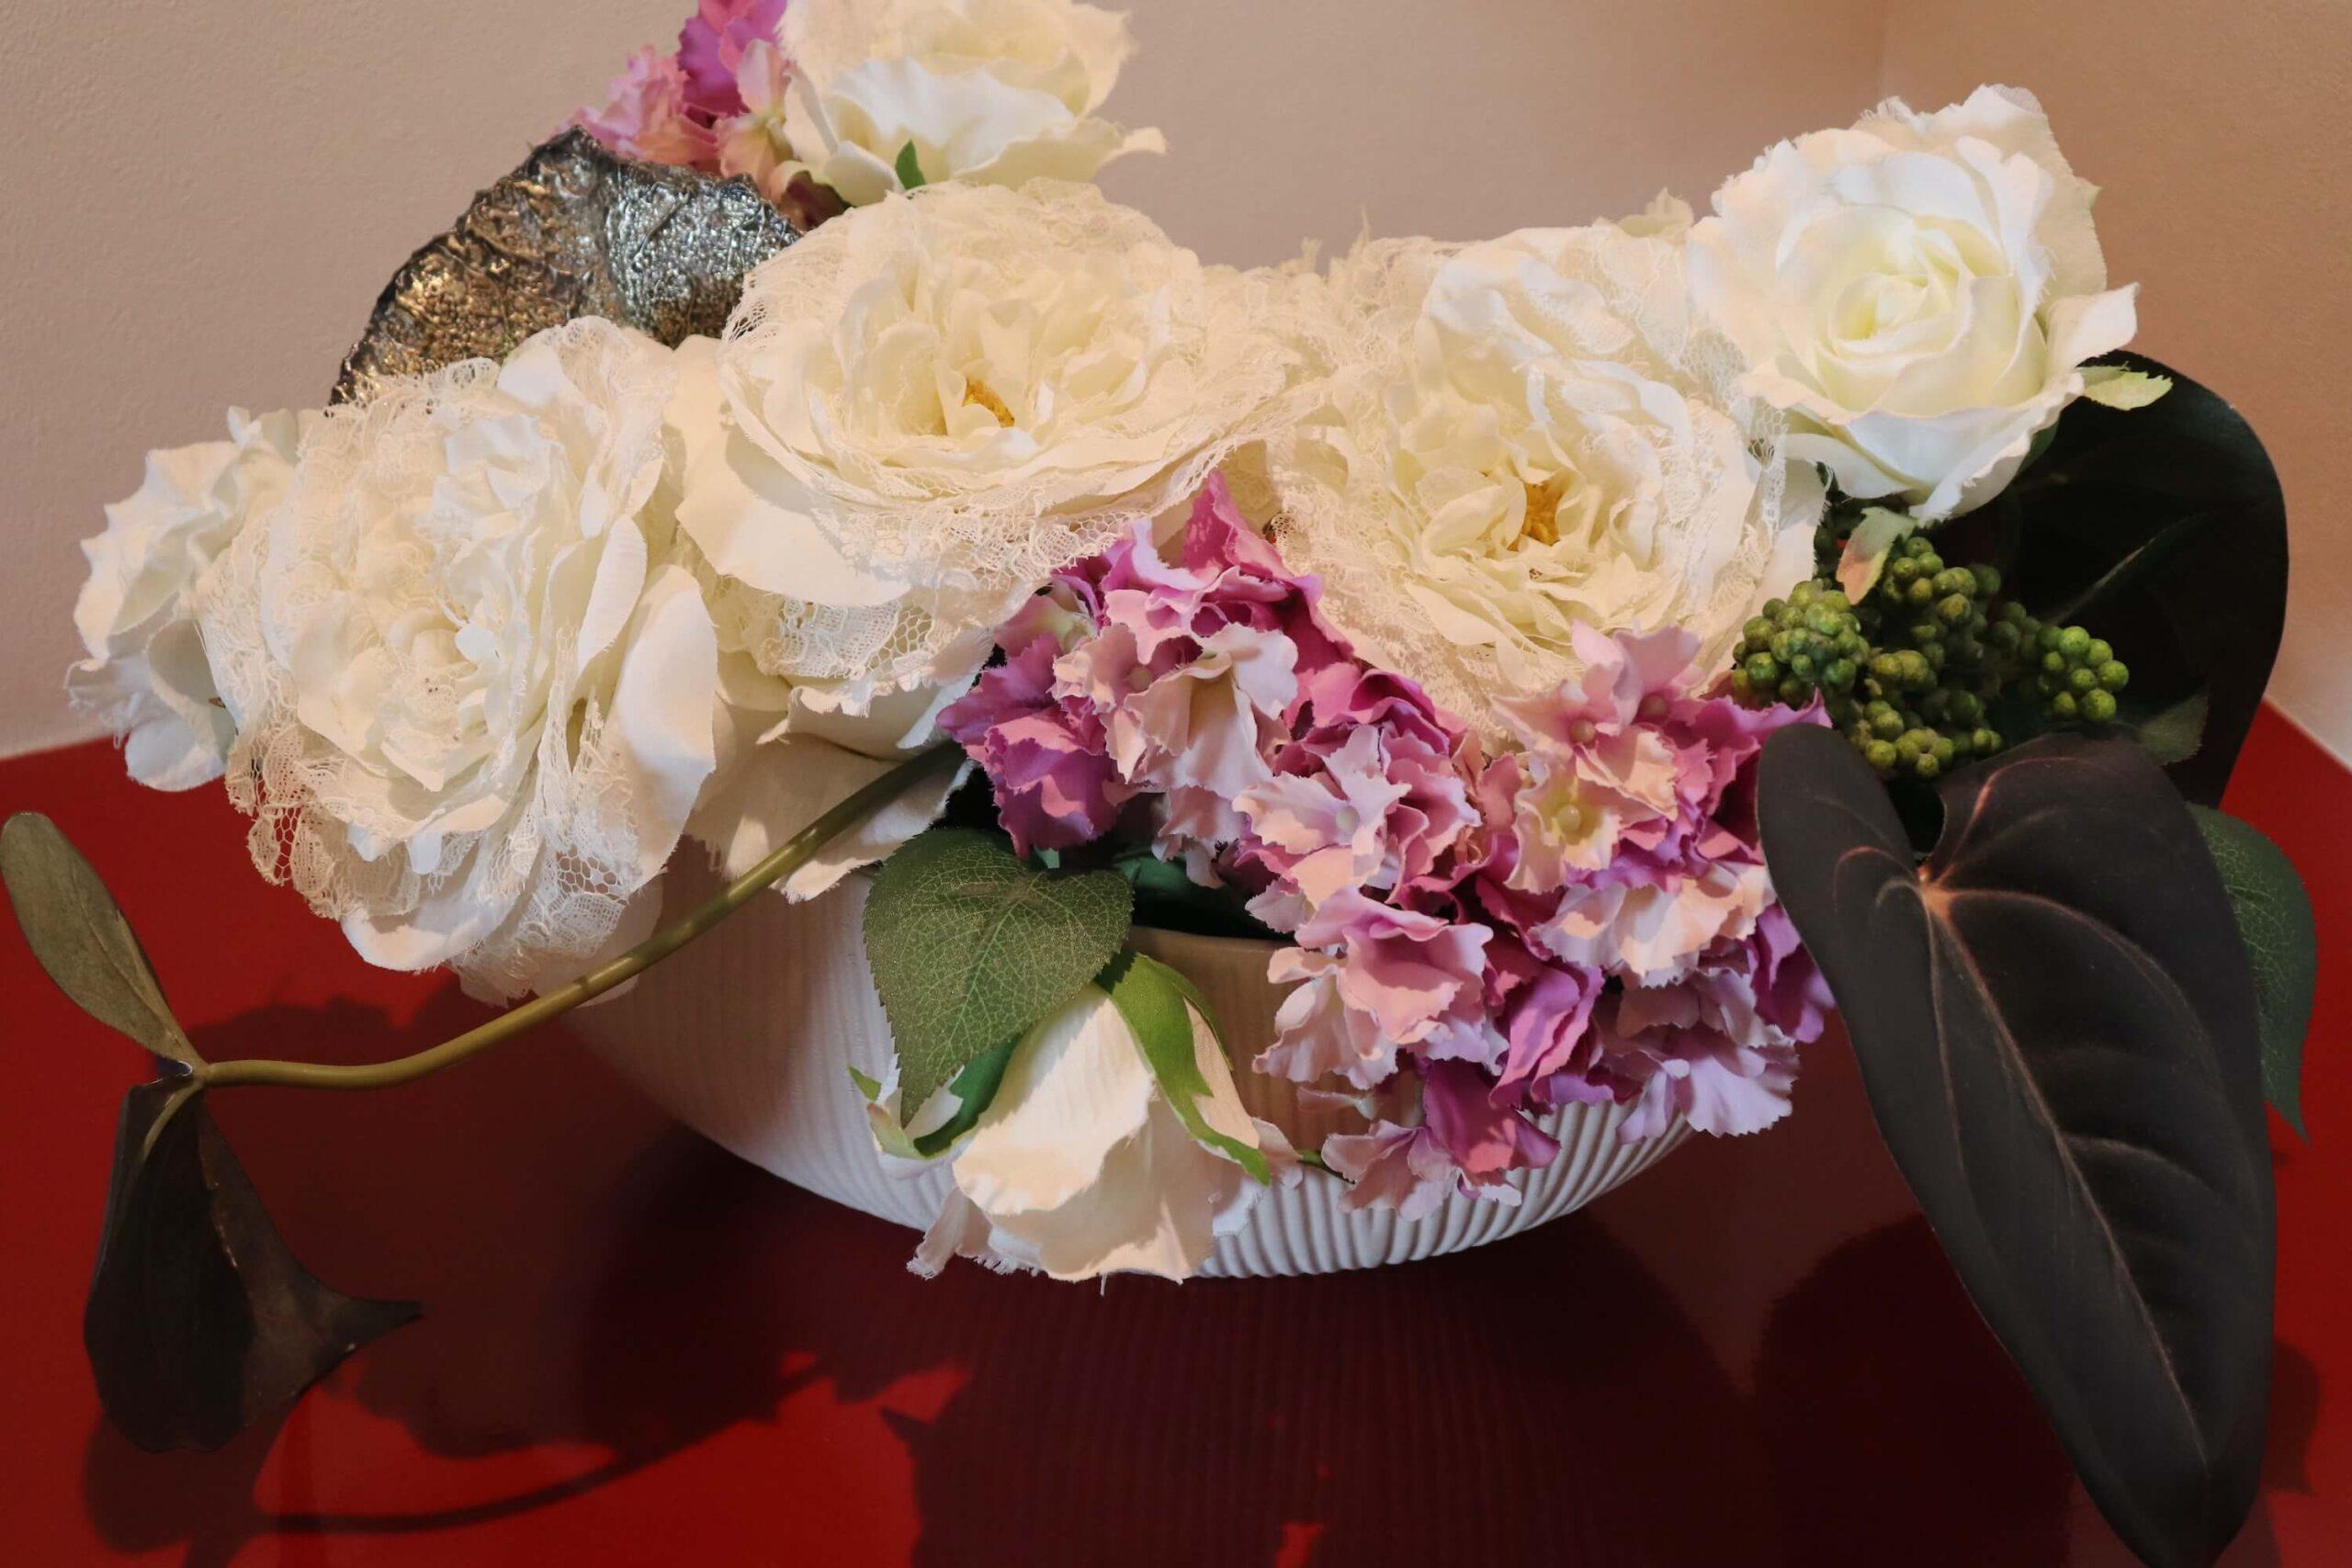 粋松亭やさしさに包まれて客室のお花